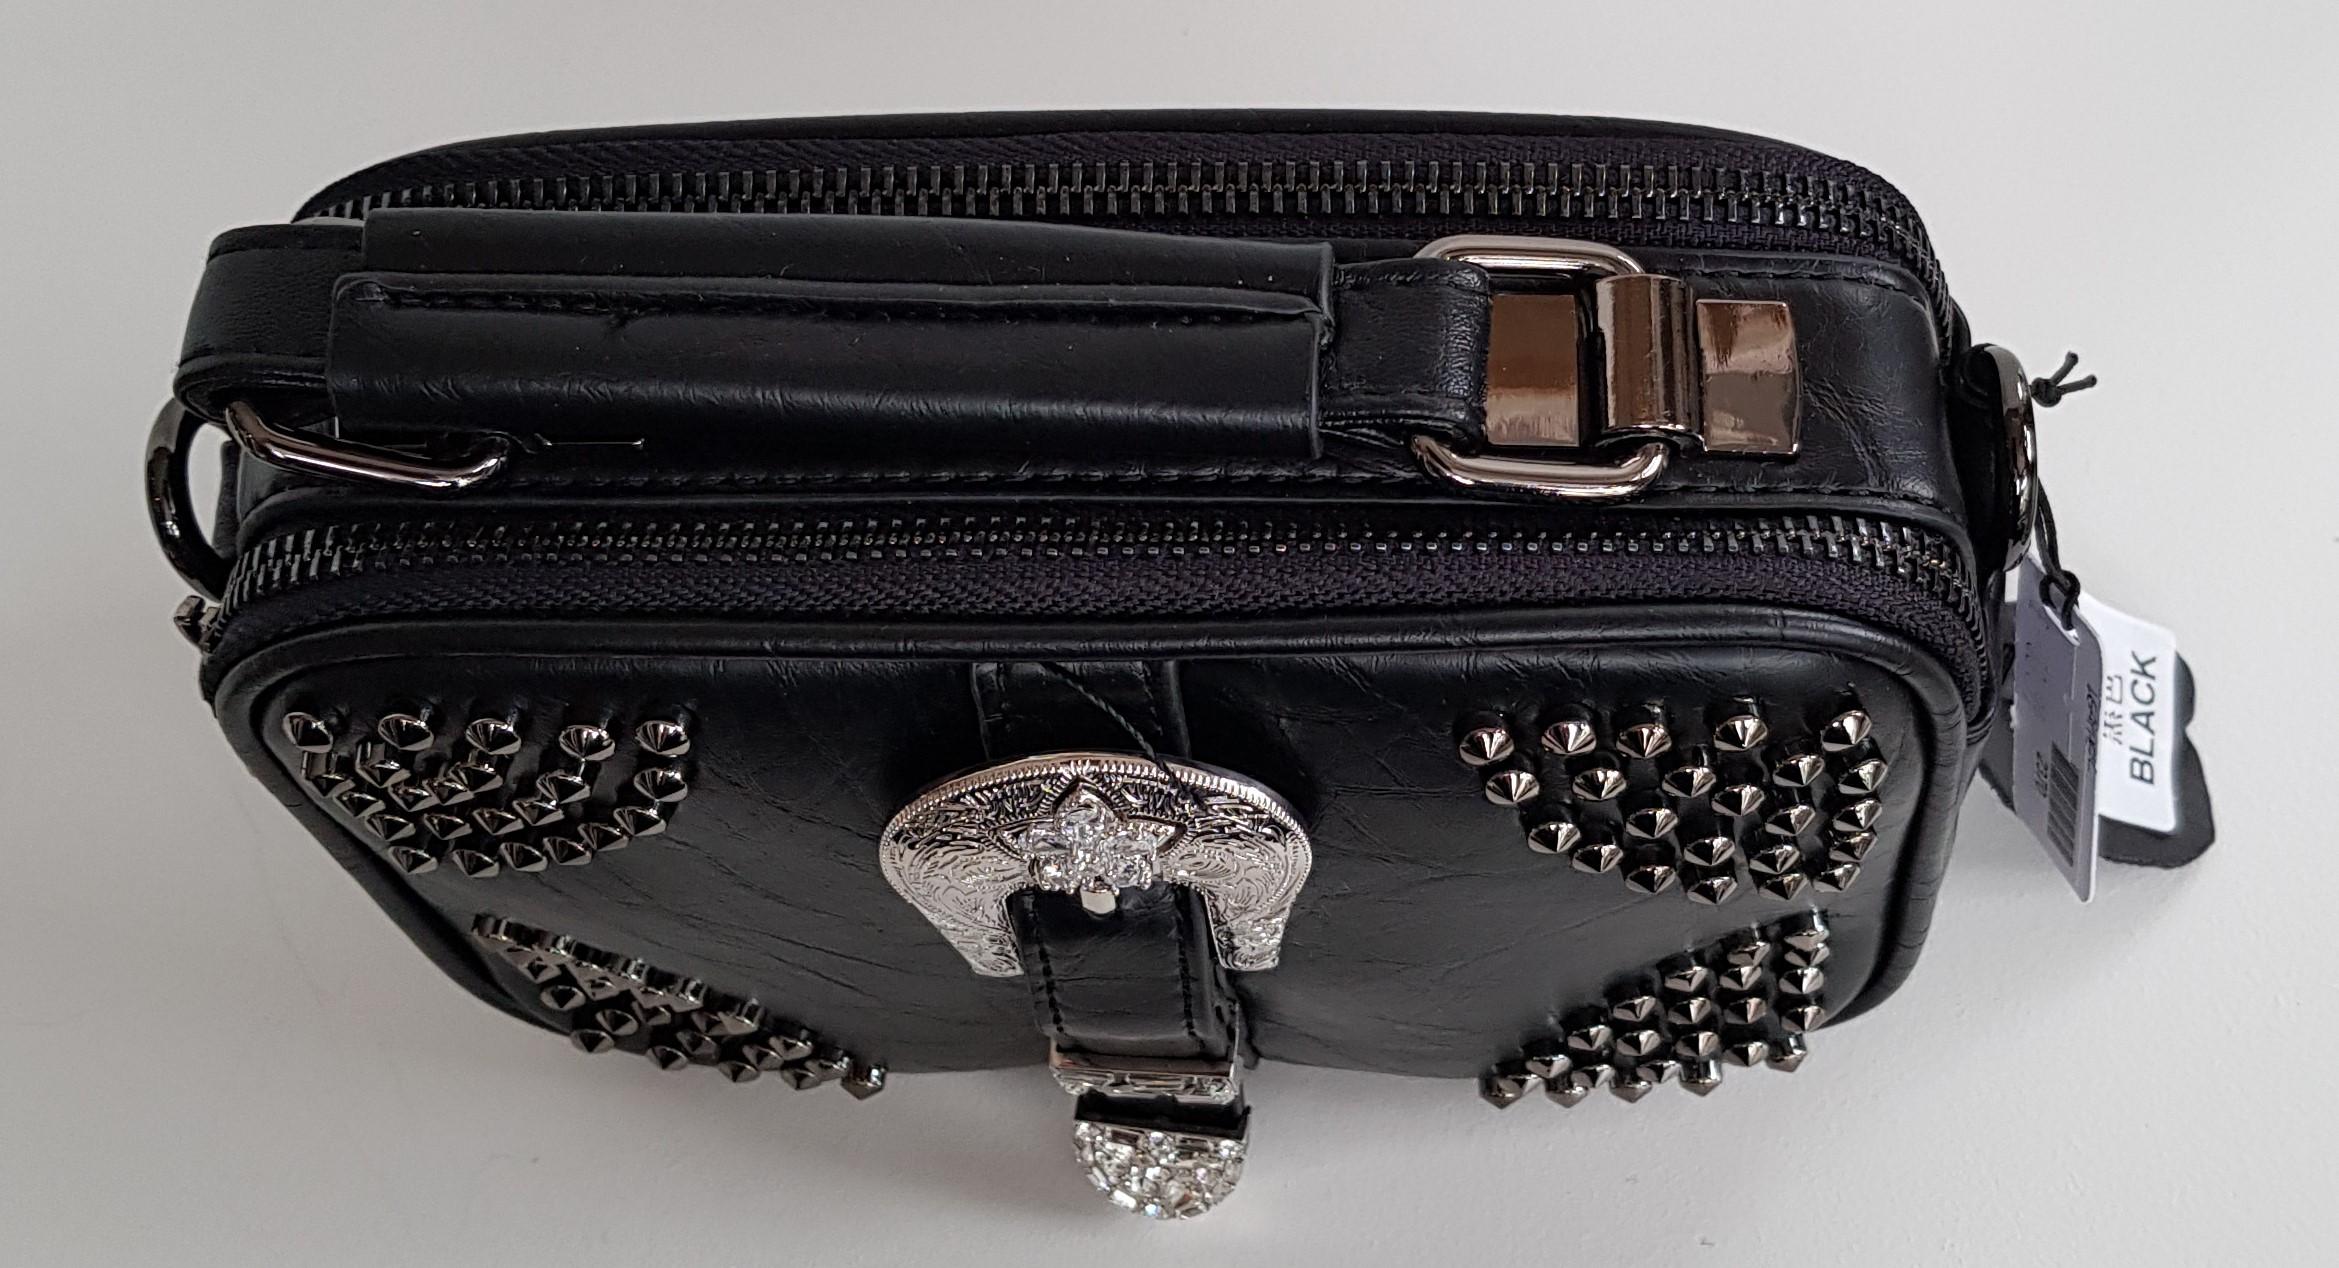 Bag - Black Leather Studded Shoulder Square Shaped